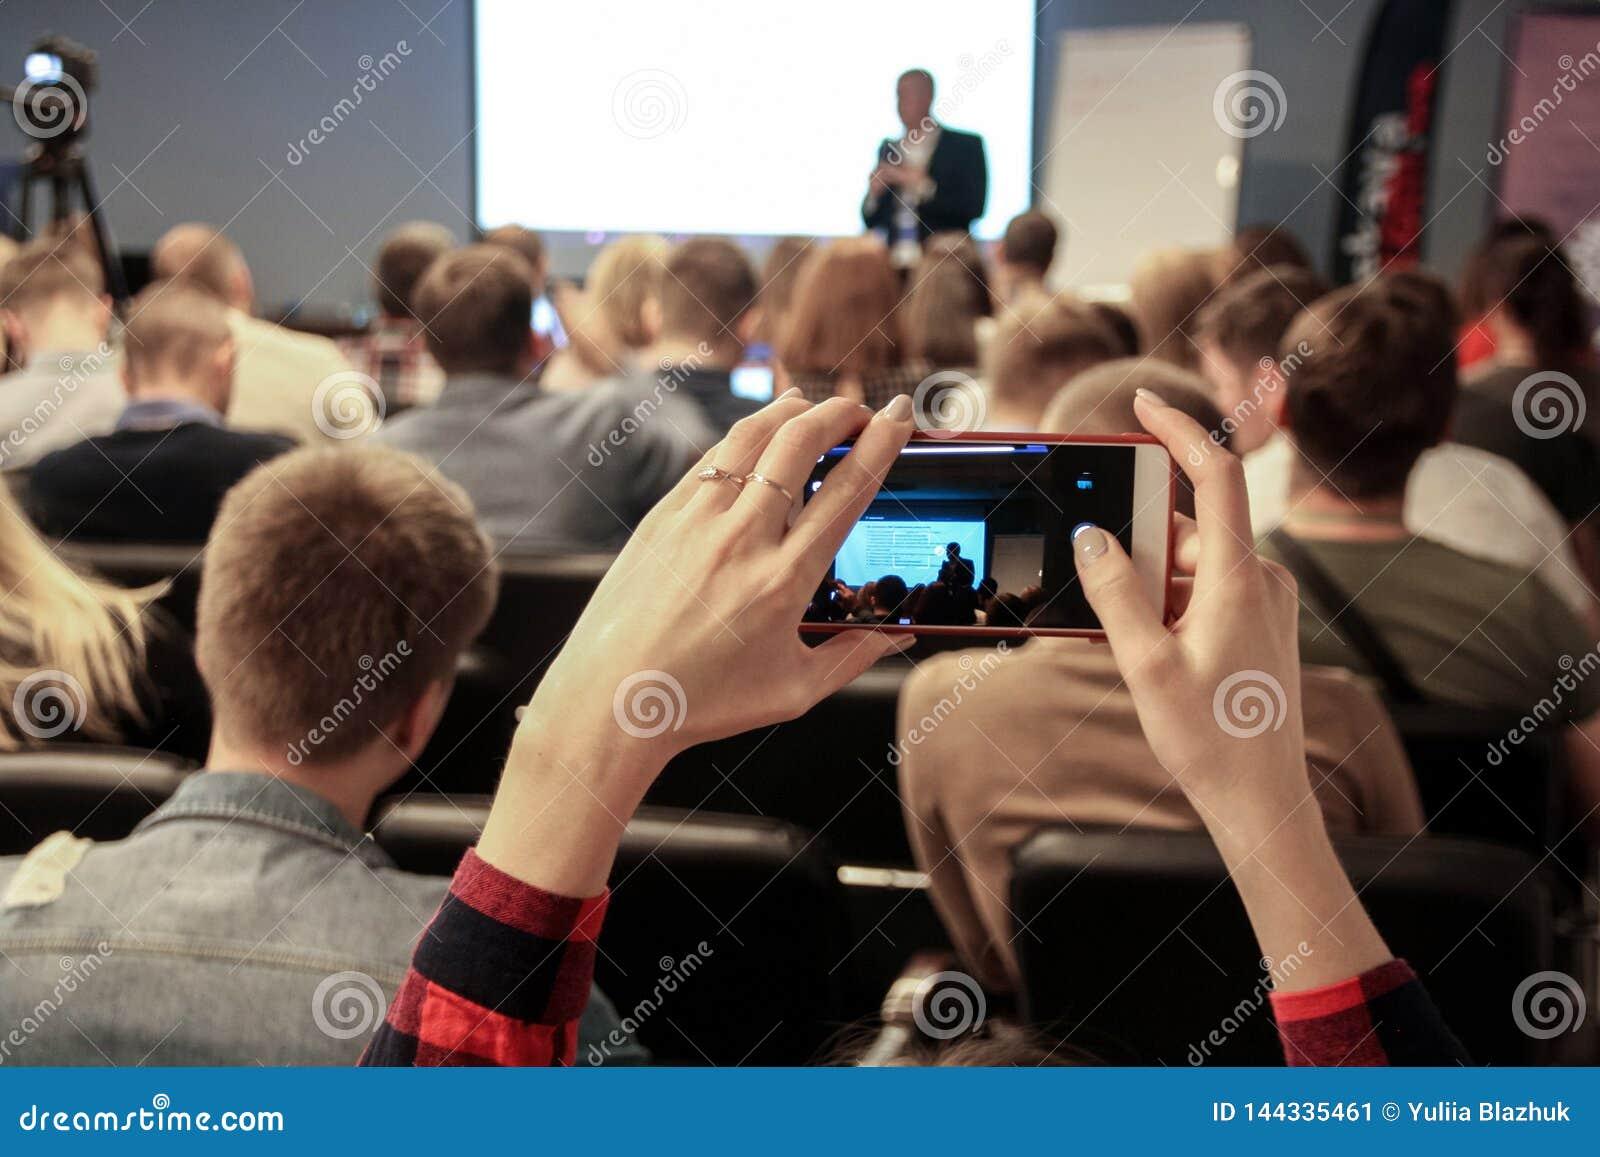 Η γυναίκα παίρνει μια εικόνα κατά τη διάρκεια της διάσκεψης χρησιμοποιώντας το smartphone